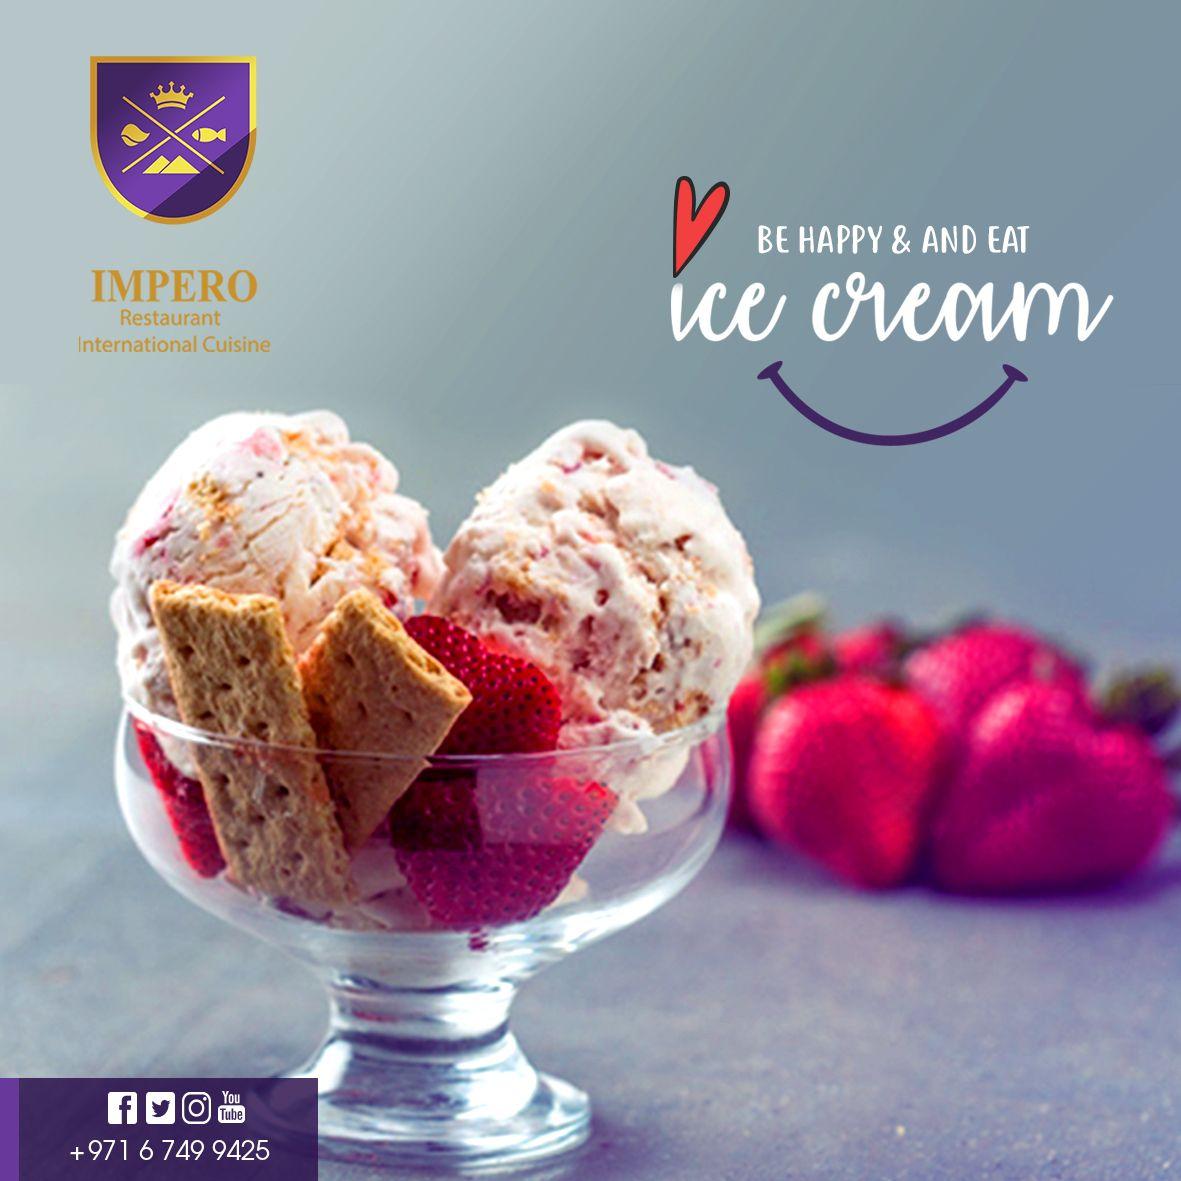 ايش رائيك تبعد عن الجو الحر و تطلع علي امبيرو تطلب الذ ايس كريم Eat Wish Imperorestaurant Eat Cuisine Desserts